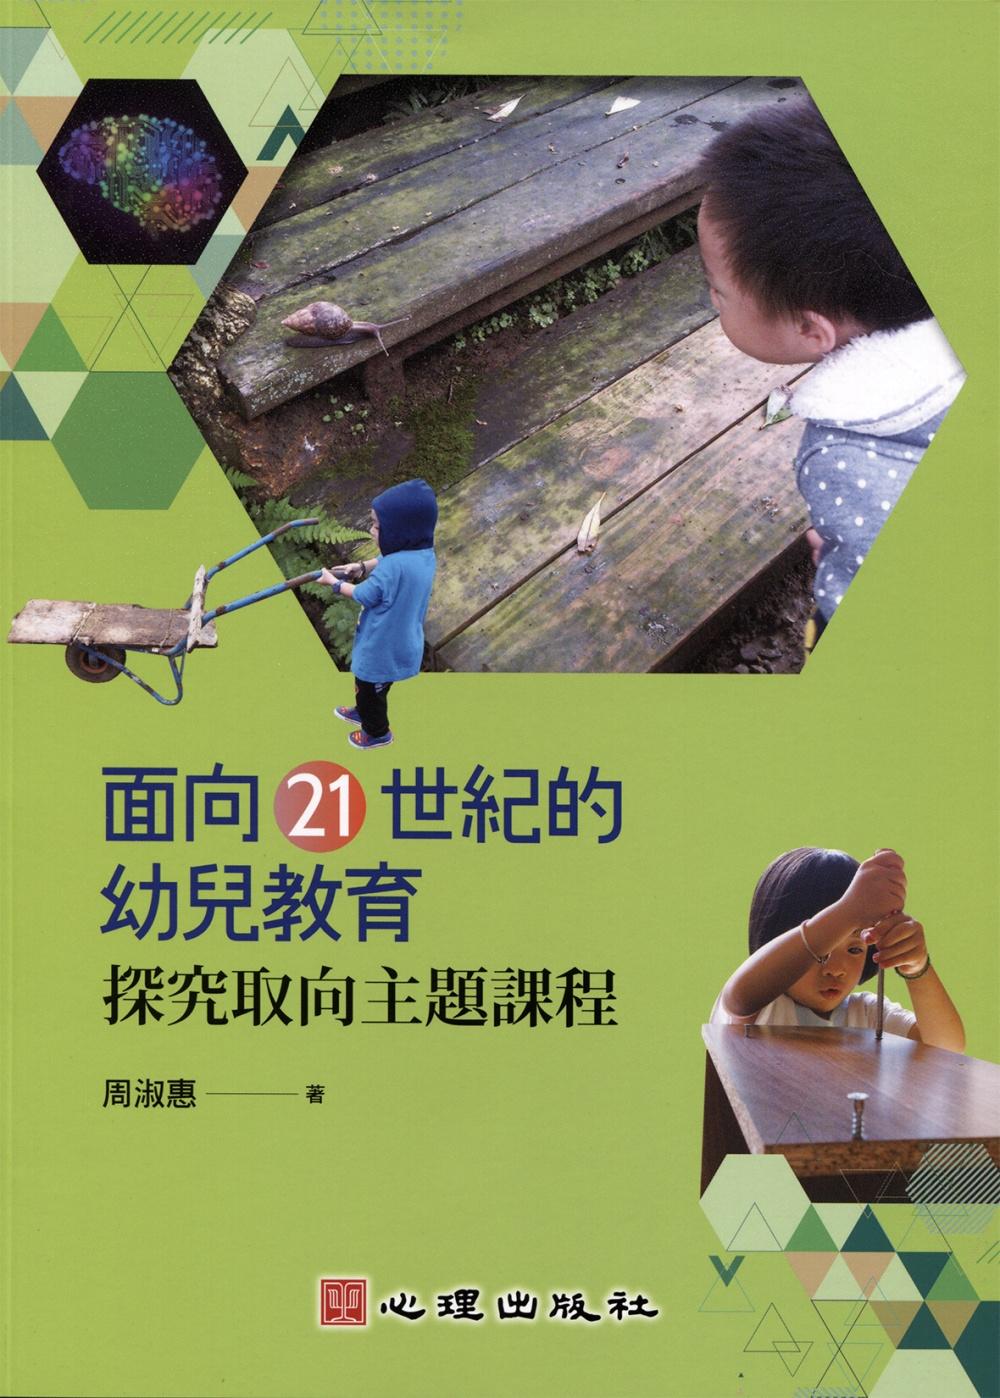 面向21世紀的幼兒教育:探究取向主題課程:探究取向主題課程